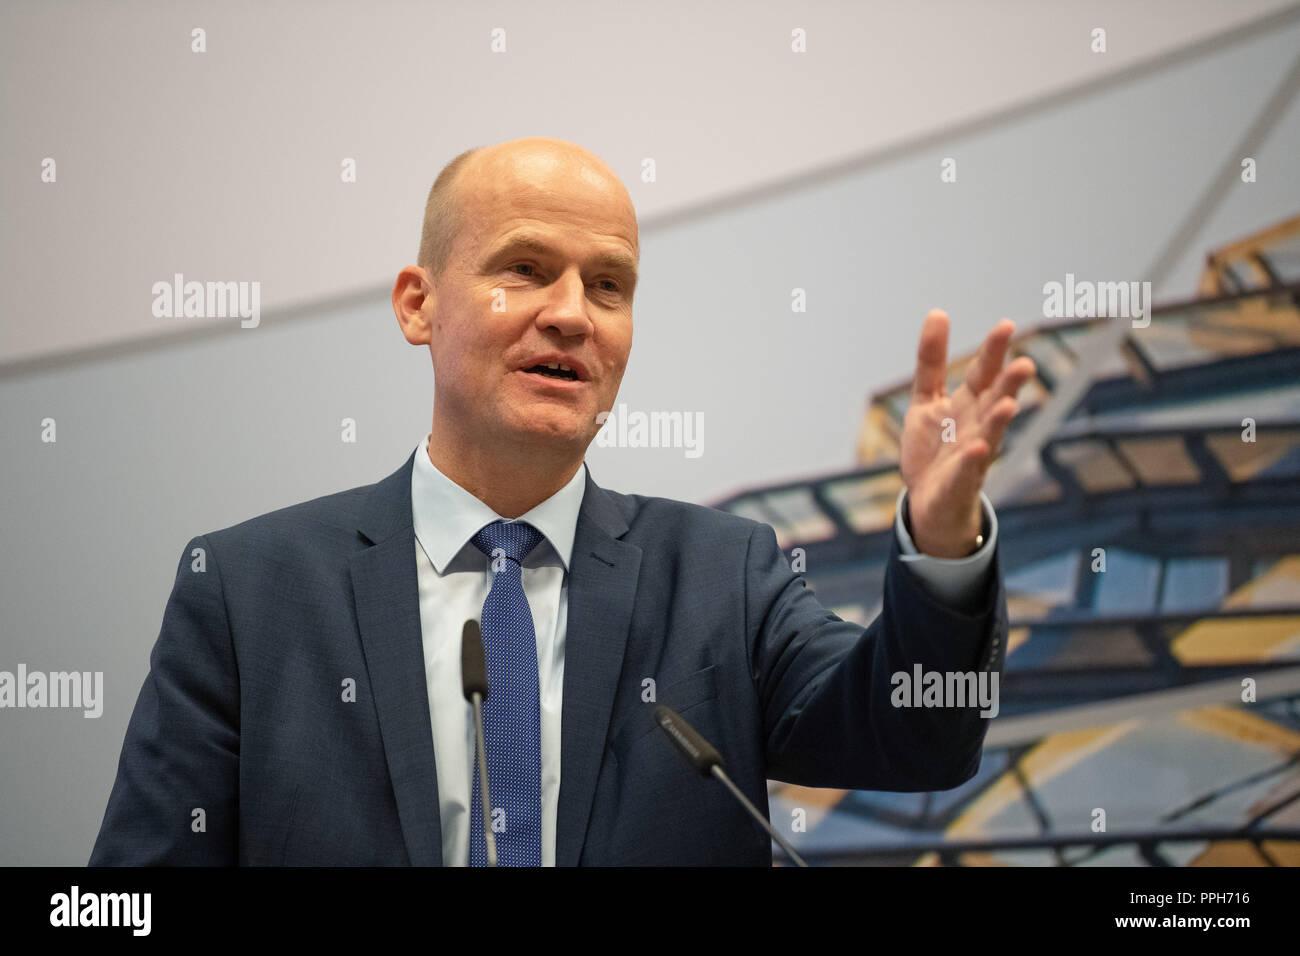 26 September 2018, Berlin: Ralph Brinkhaus (CDU), CDU/CSU faction leader, speaks at an event 'Heimat mit Zukunft'- für starken ländliche Regionen' (Homeland with a Future - for Strong Rural Regions) in the session hall of the CDU/CSU faction in the Bundestag. Photo: Fabian Sommer/dpa - Stock Image